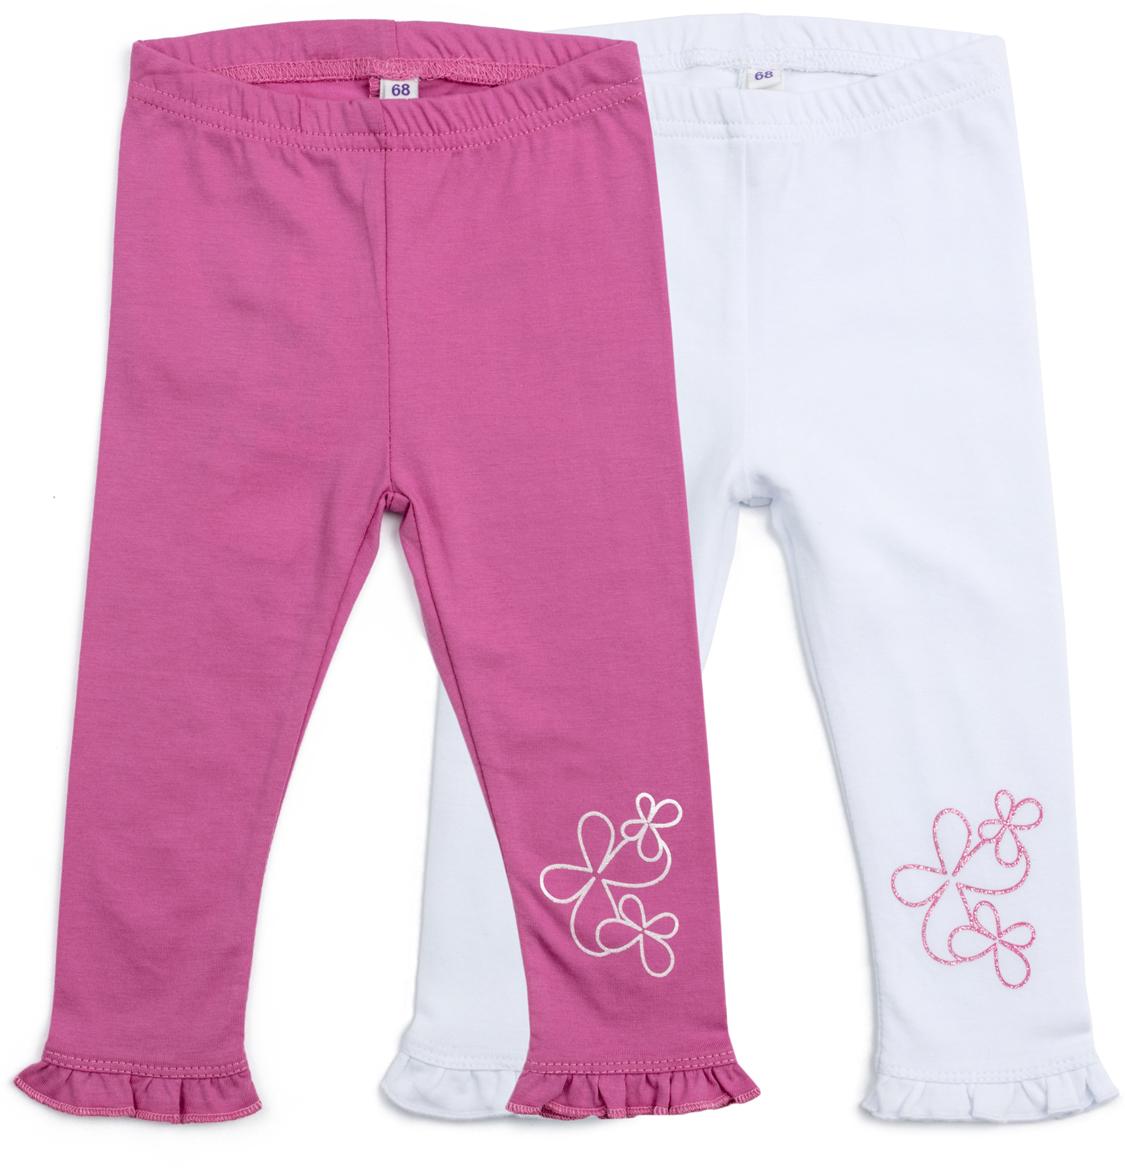 Леггинсы для девочки PlayToday, цвет: белый, розовый, 2 шт. 188860. Размер 74188860